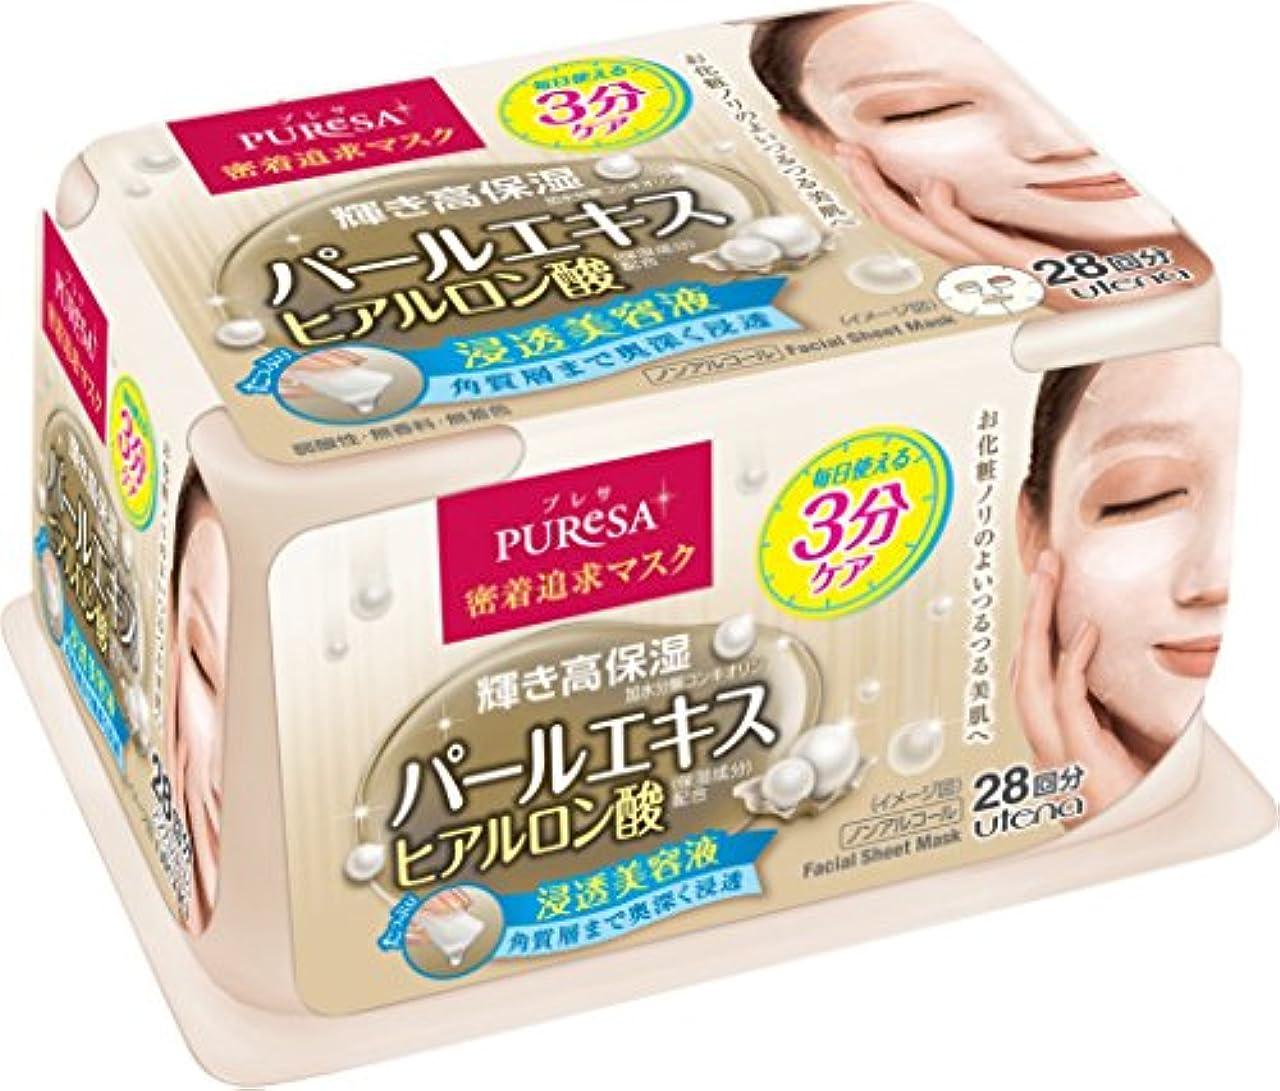 留まる容器害虫puresa(プレサ) デイリーケアマスク パールエキス 28回分 (300mL)